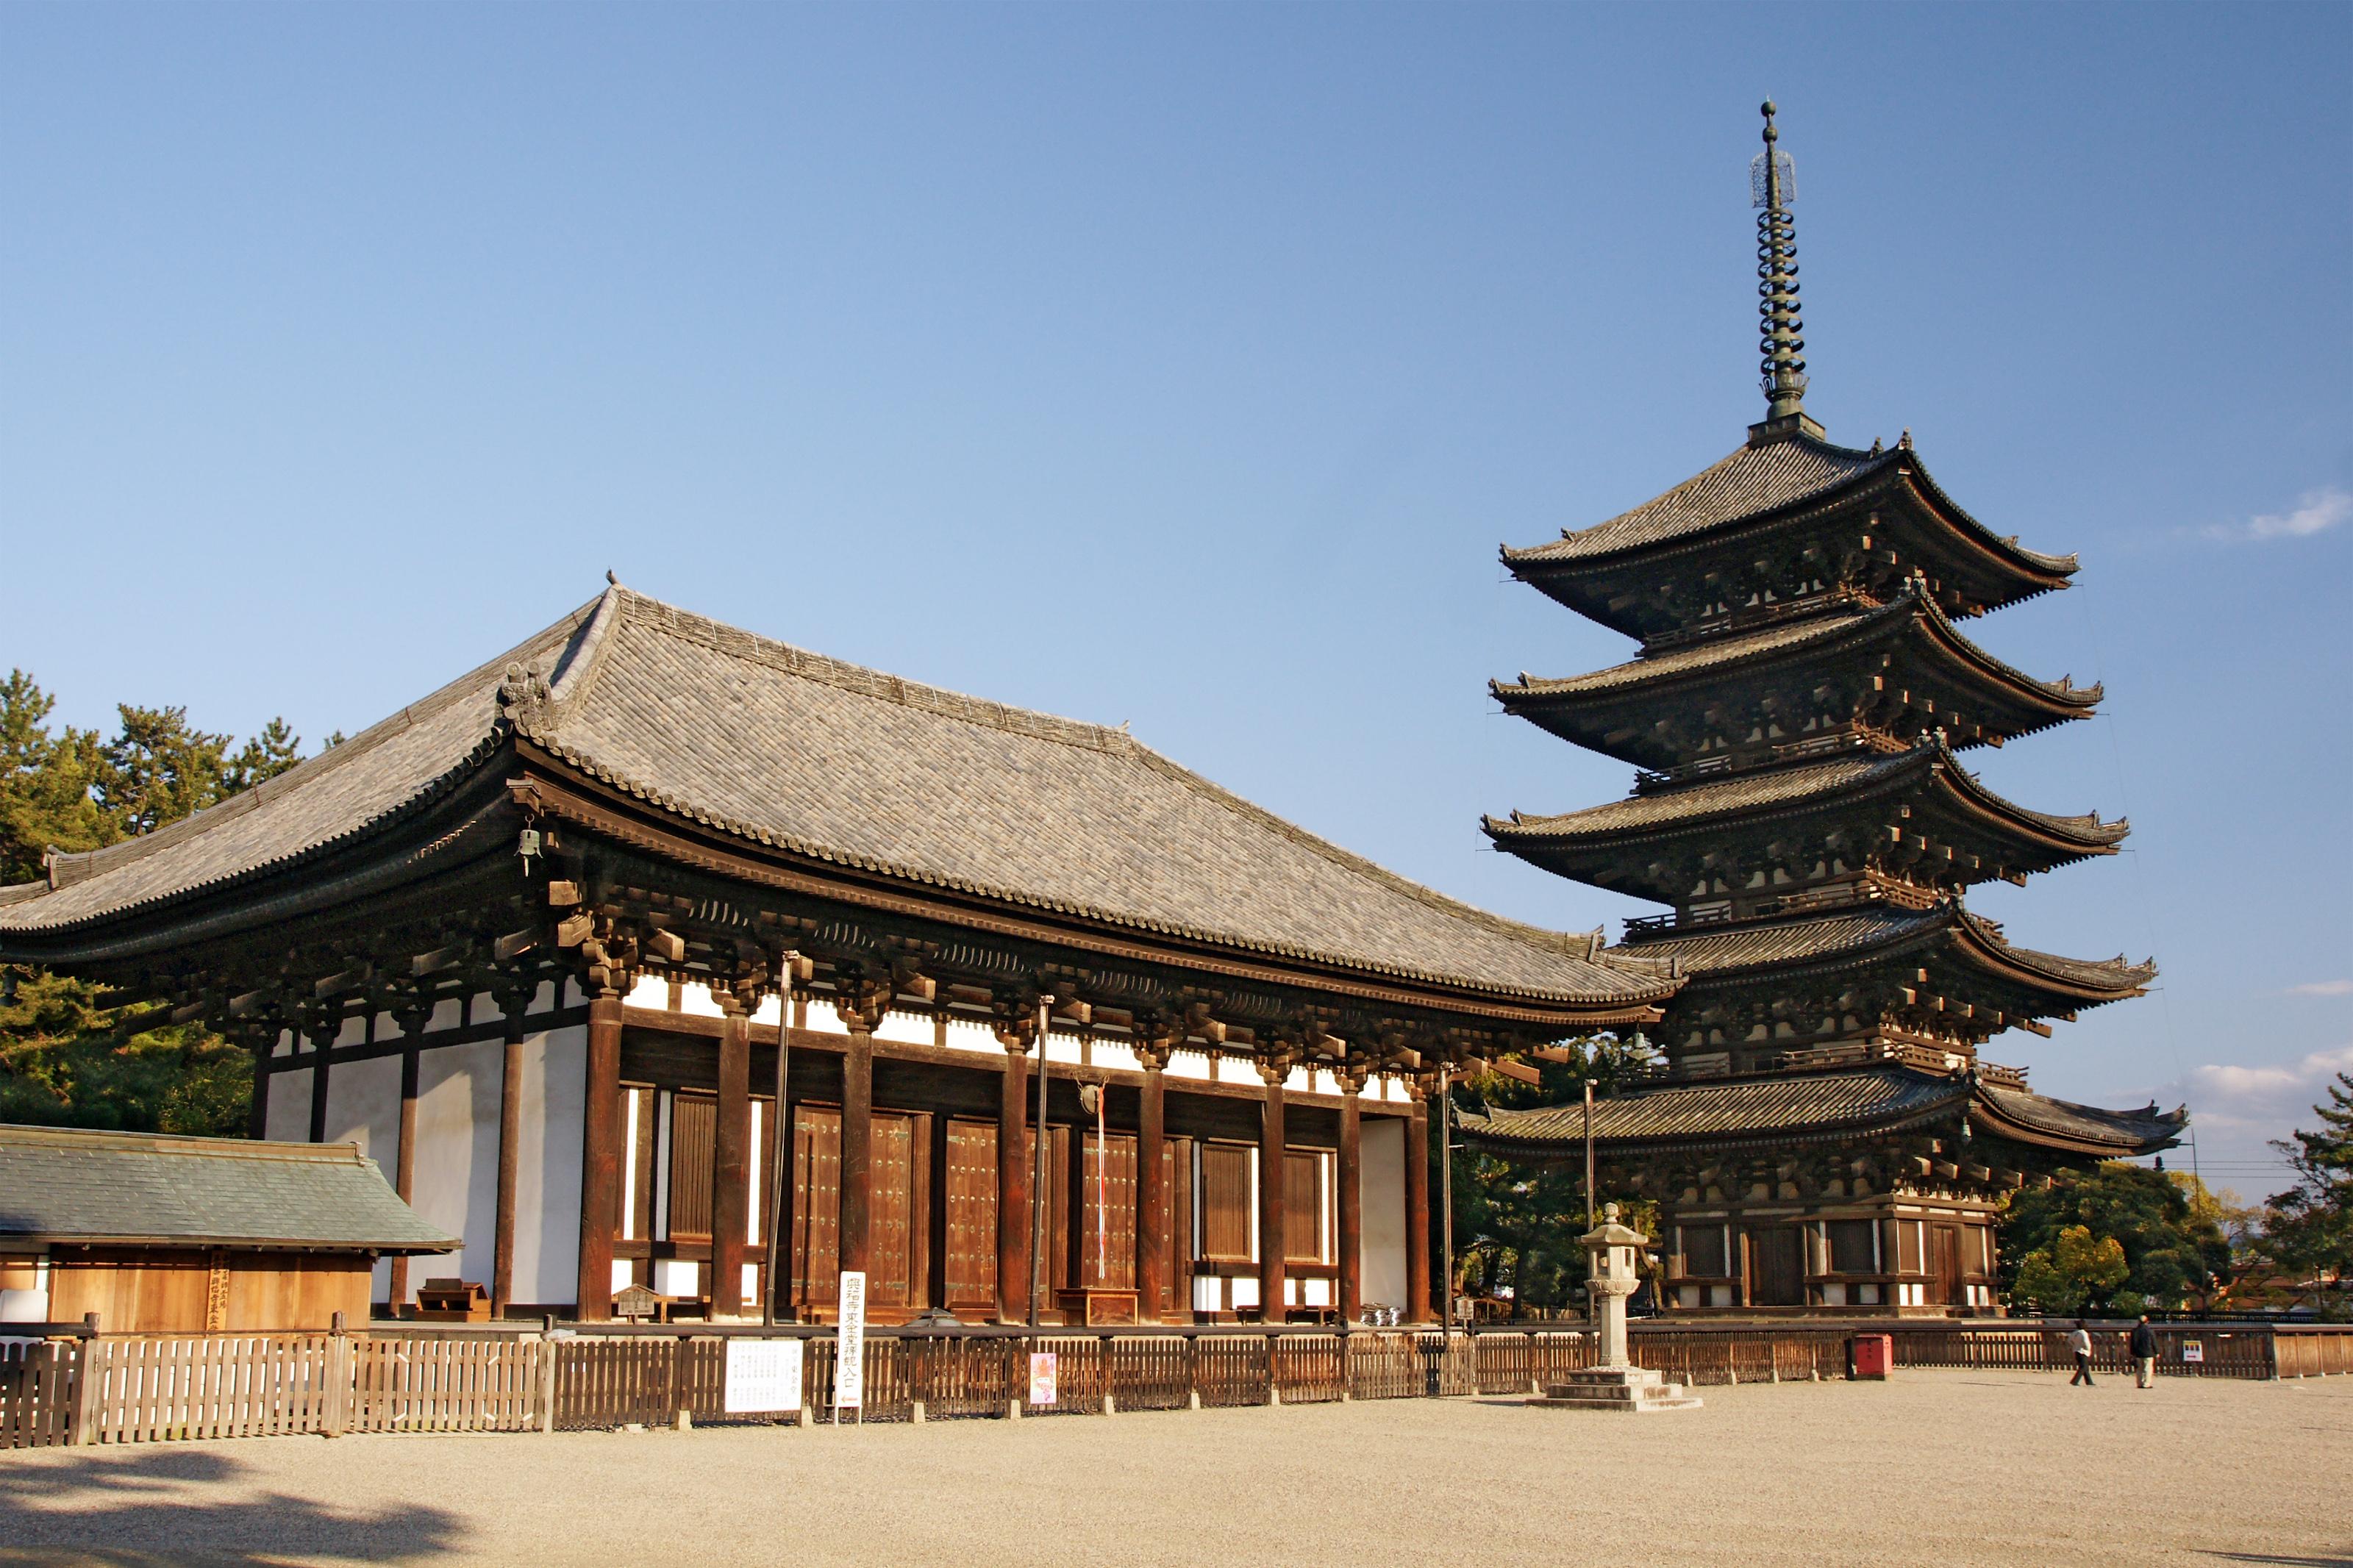 奈良の興福寺・五重塔情報!意味と歴史・拝観料など詳しくご紹介